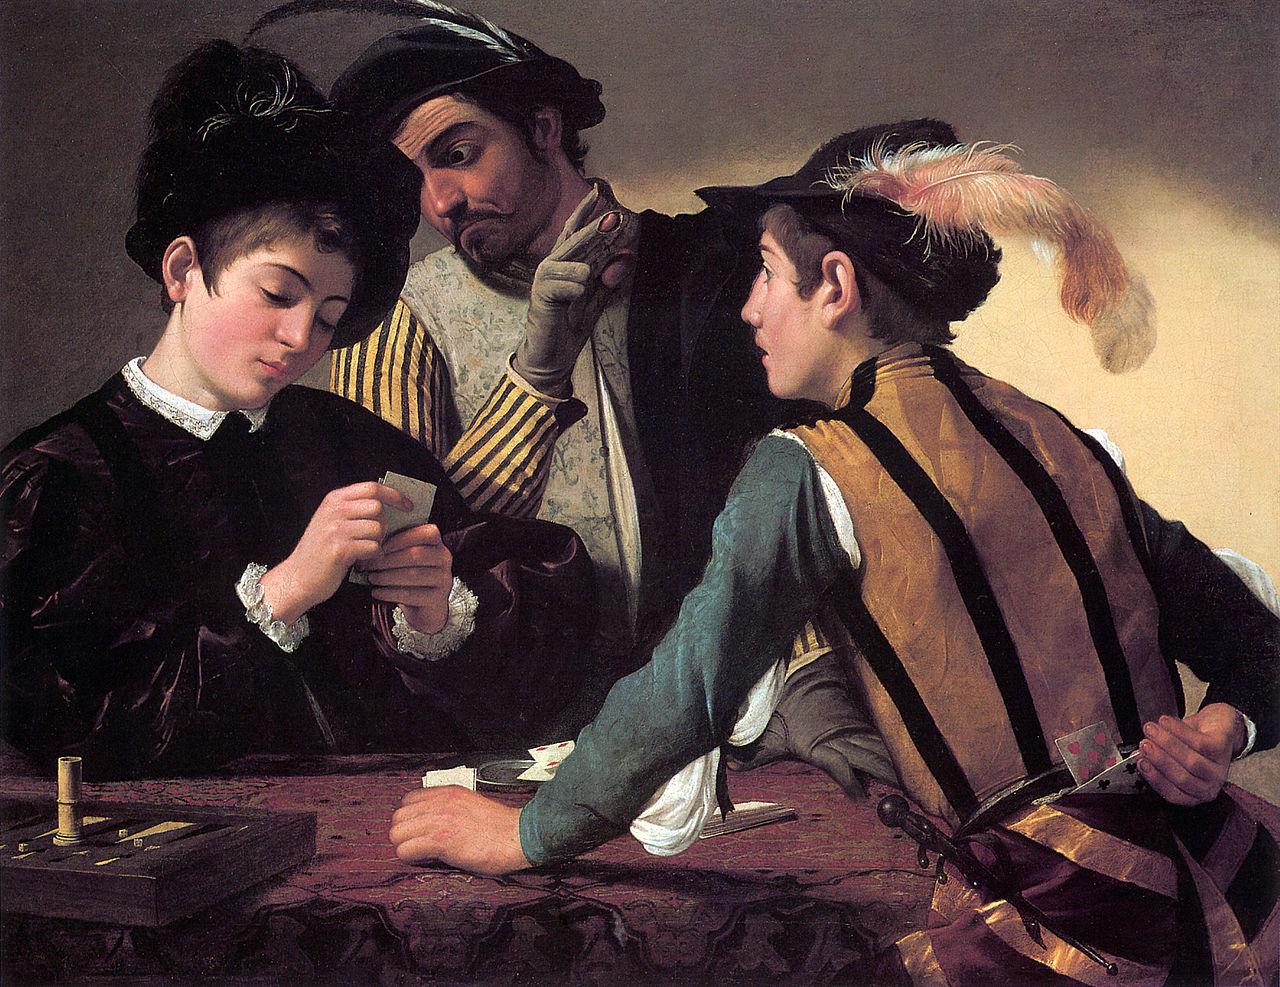 Caravaggio, I bari, olio su tela, 1594 (Fort Worth, Kimbell Art Museum)